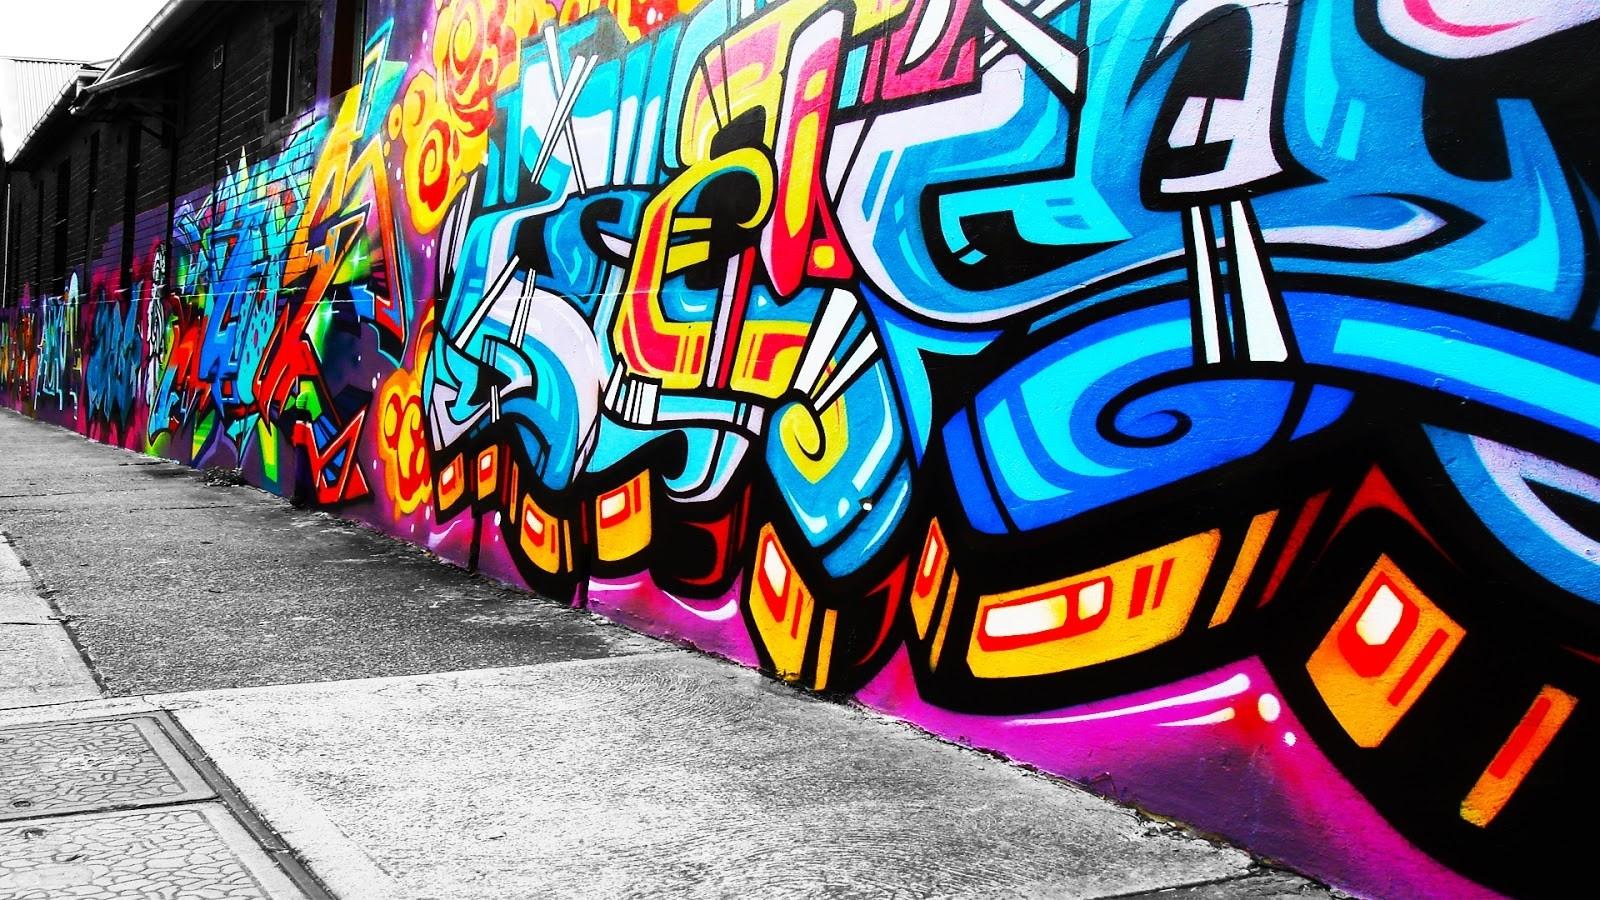 Trendy Hip Hop Wall Art New Street Hip Hop Art Backgrounds Wall Art Ideas For Hip Hop Wall Art (View 6 of 15)